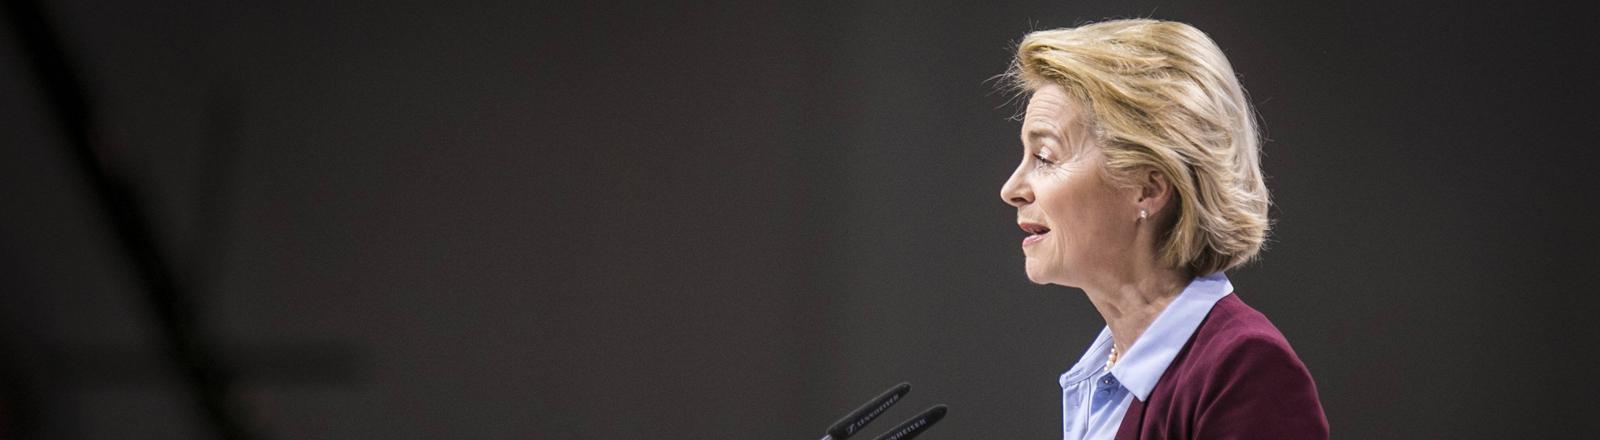 Ursula von der Leyen im Profil bei einer Rede.